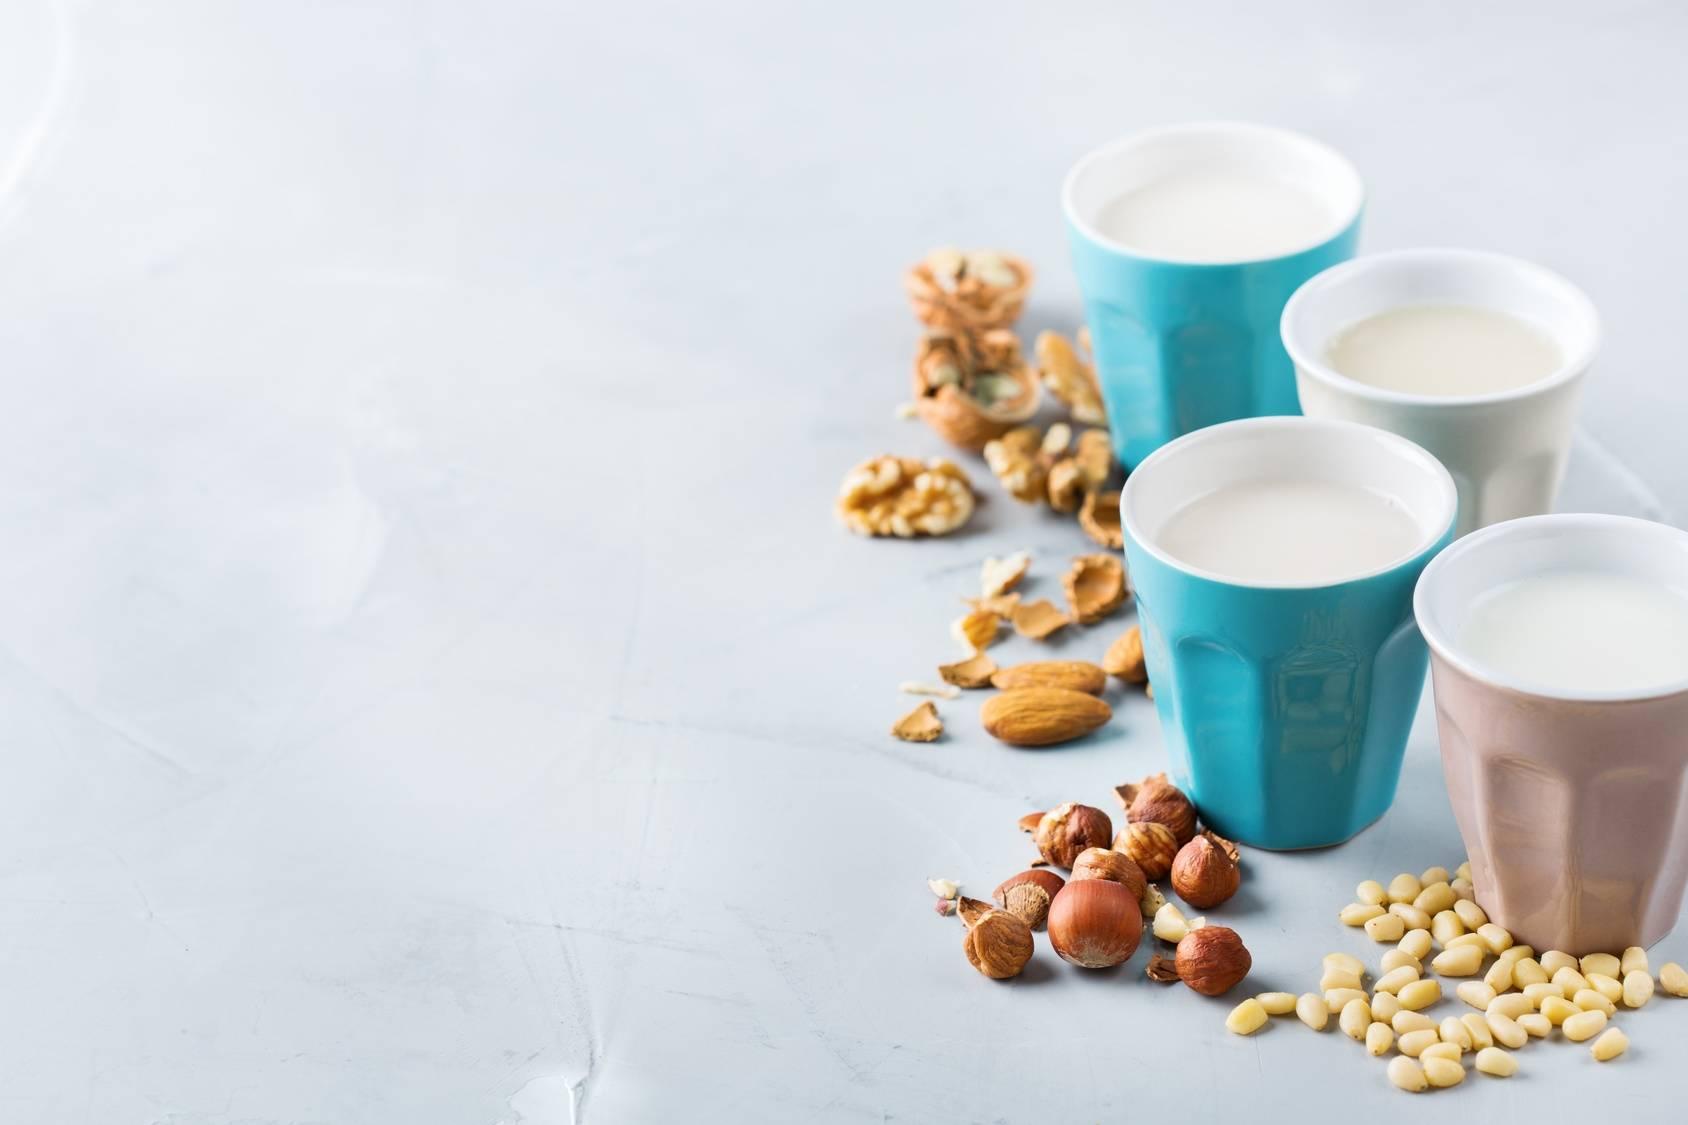 Mleko roślinne z orzechów - mleko wegańskie.